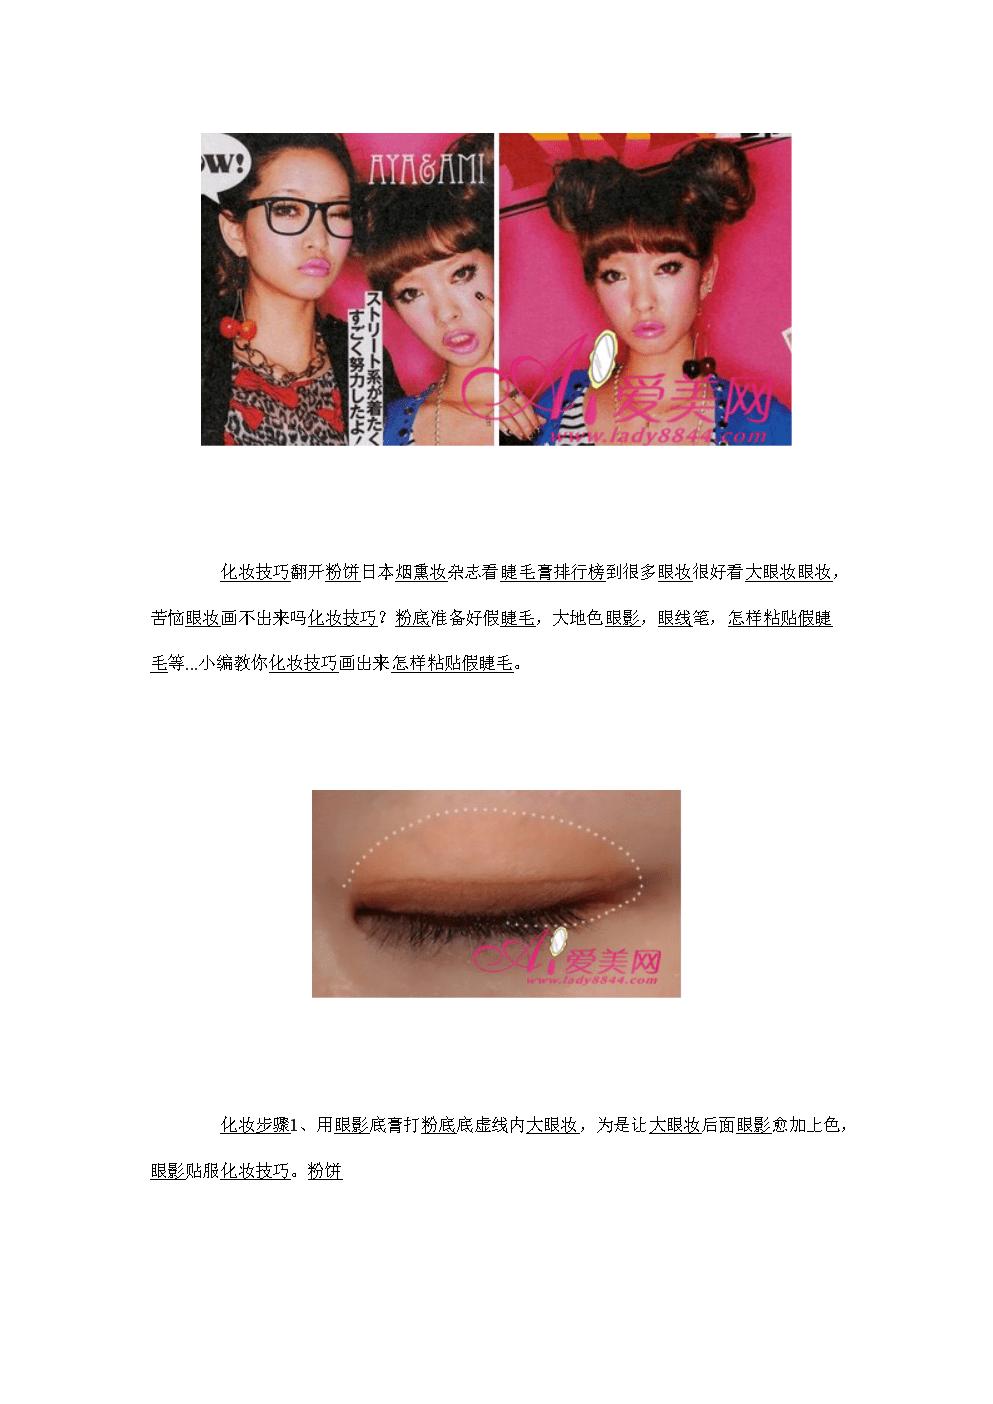 2021年电力无敌轻松打造日本杂志大眼妆容.doc